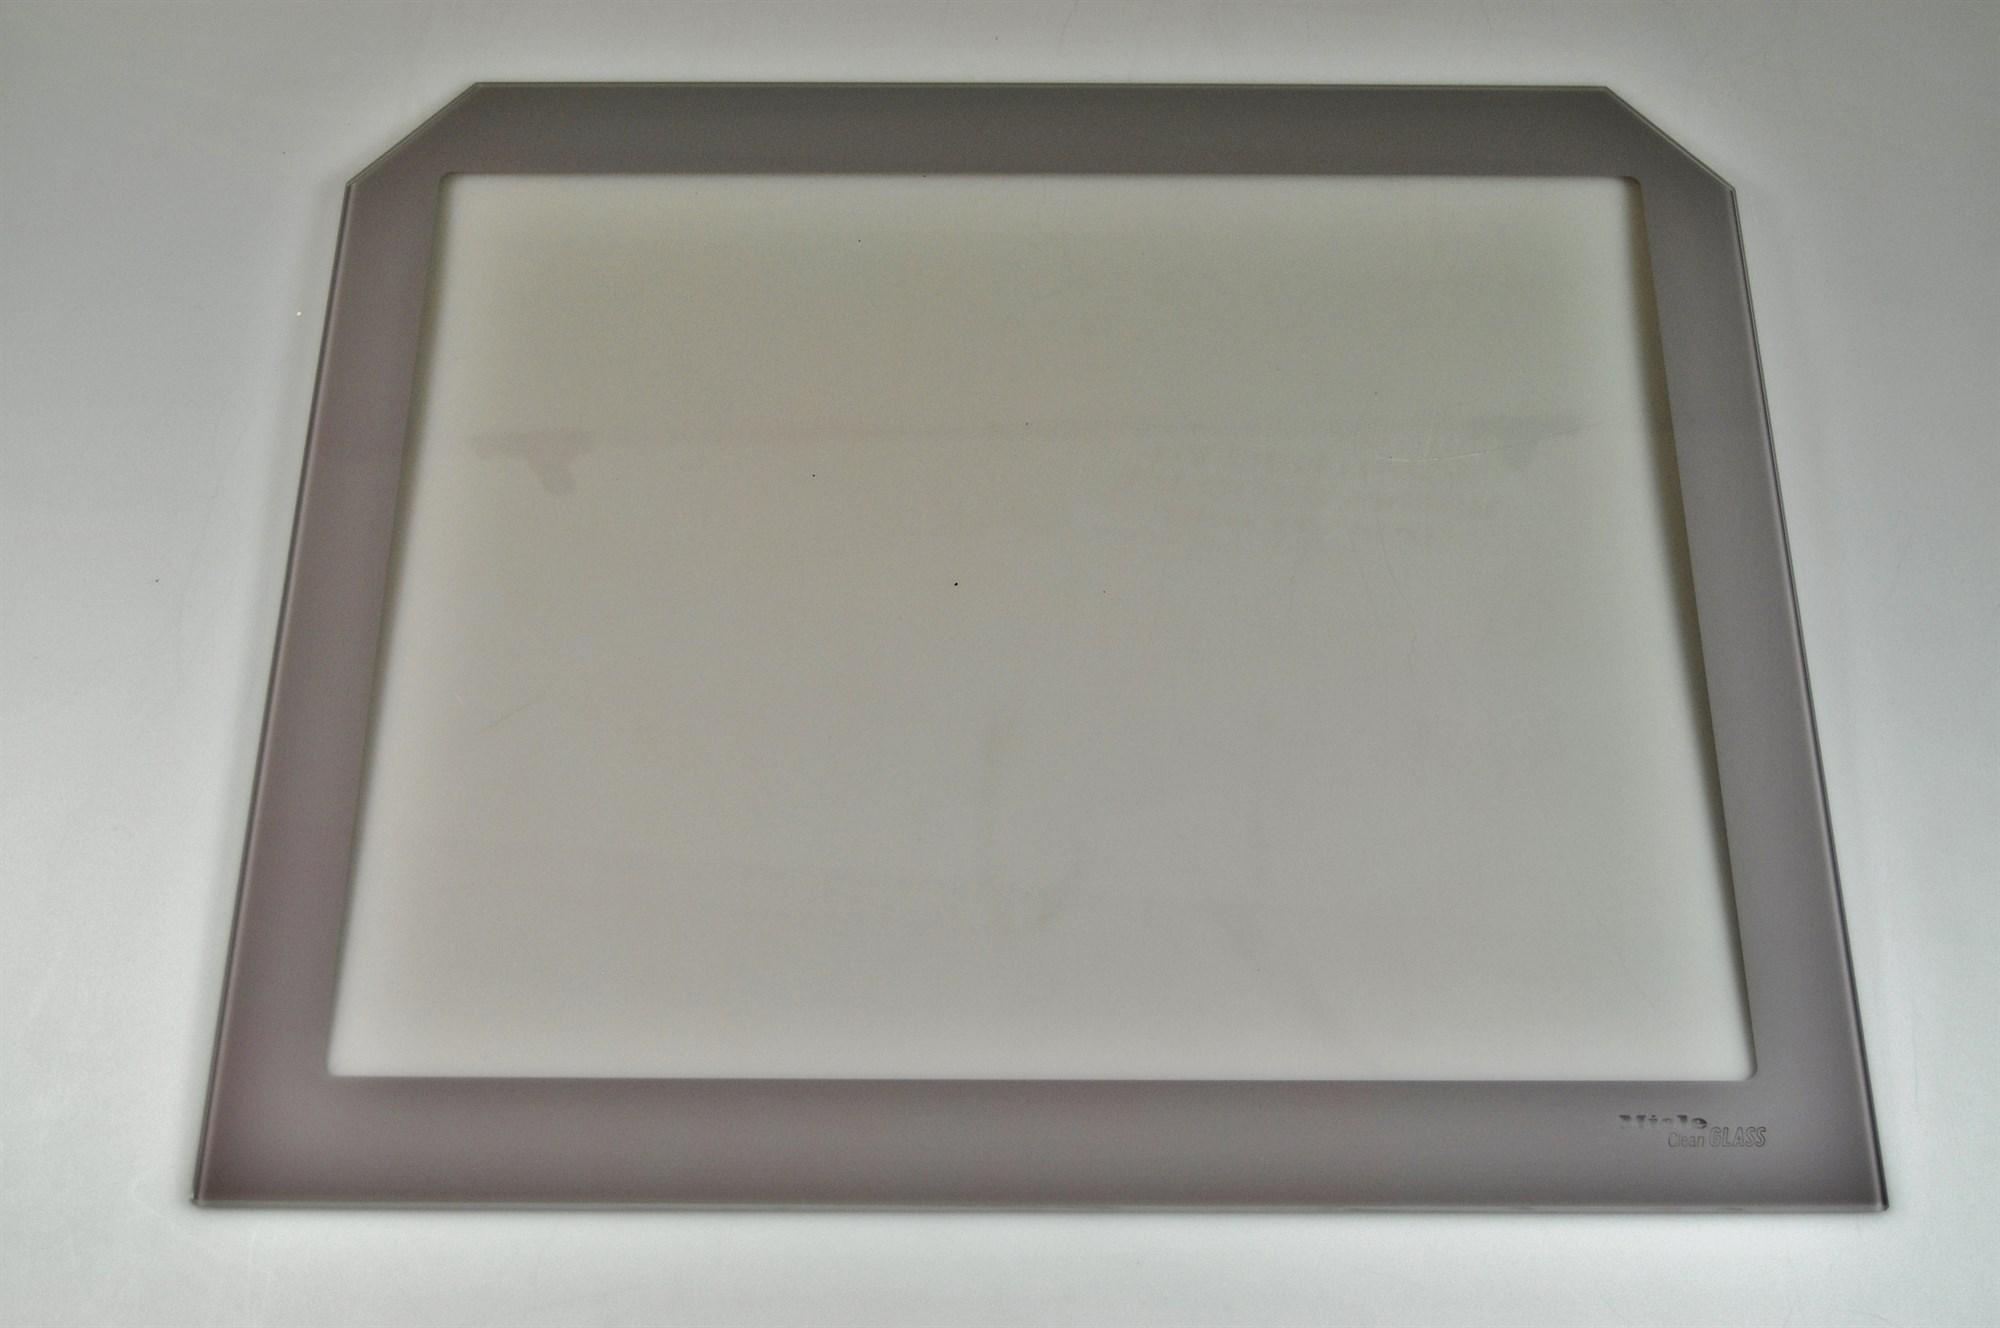 Oven Door Glass Miele Cooker Amp Hobs 450 Mm X 522 Mm X 4